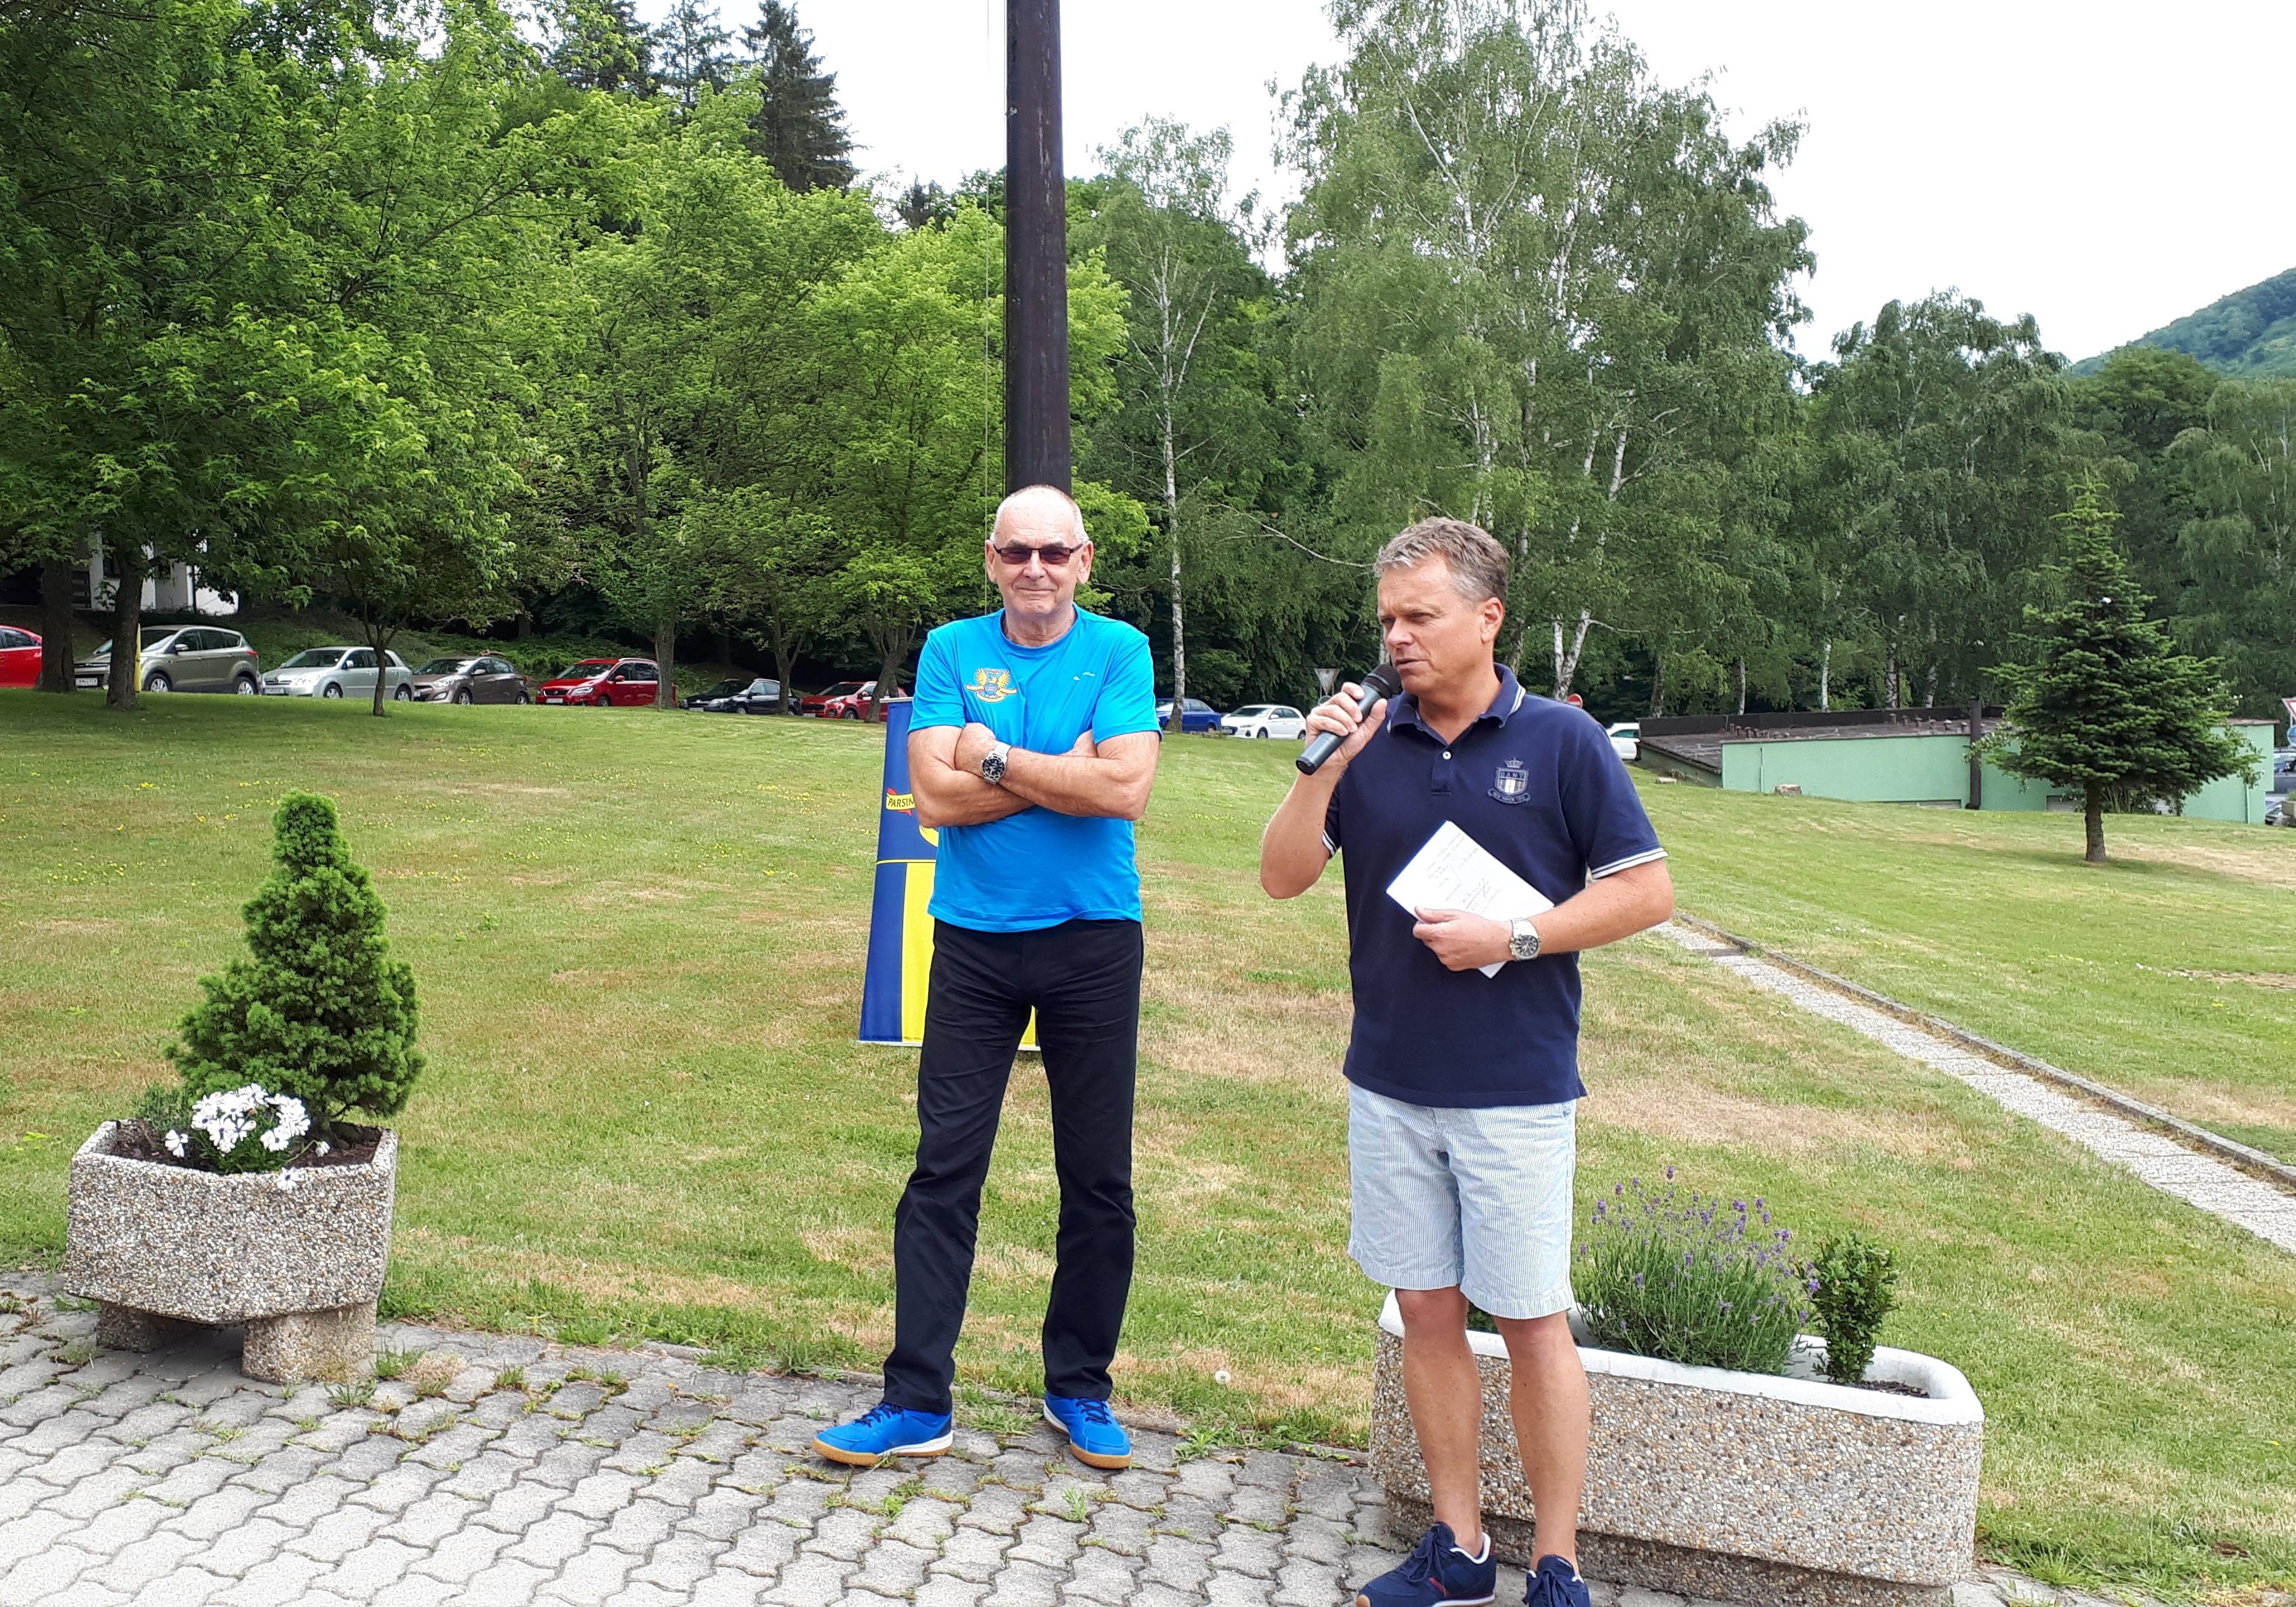 neformálne stretnutie s kolegami na športových dňoch NKÚ_2018